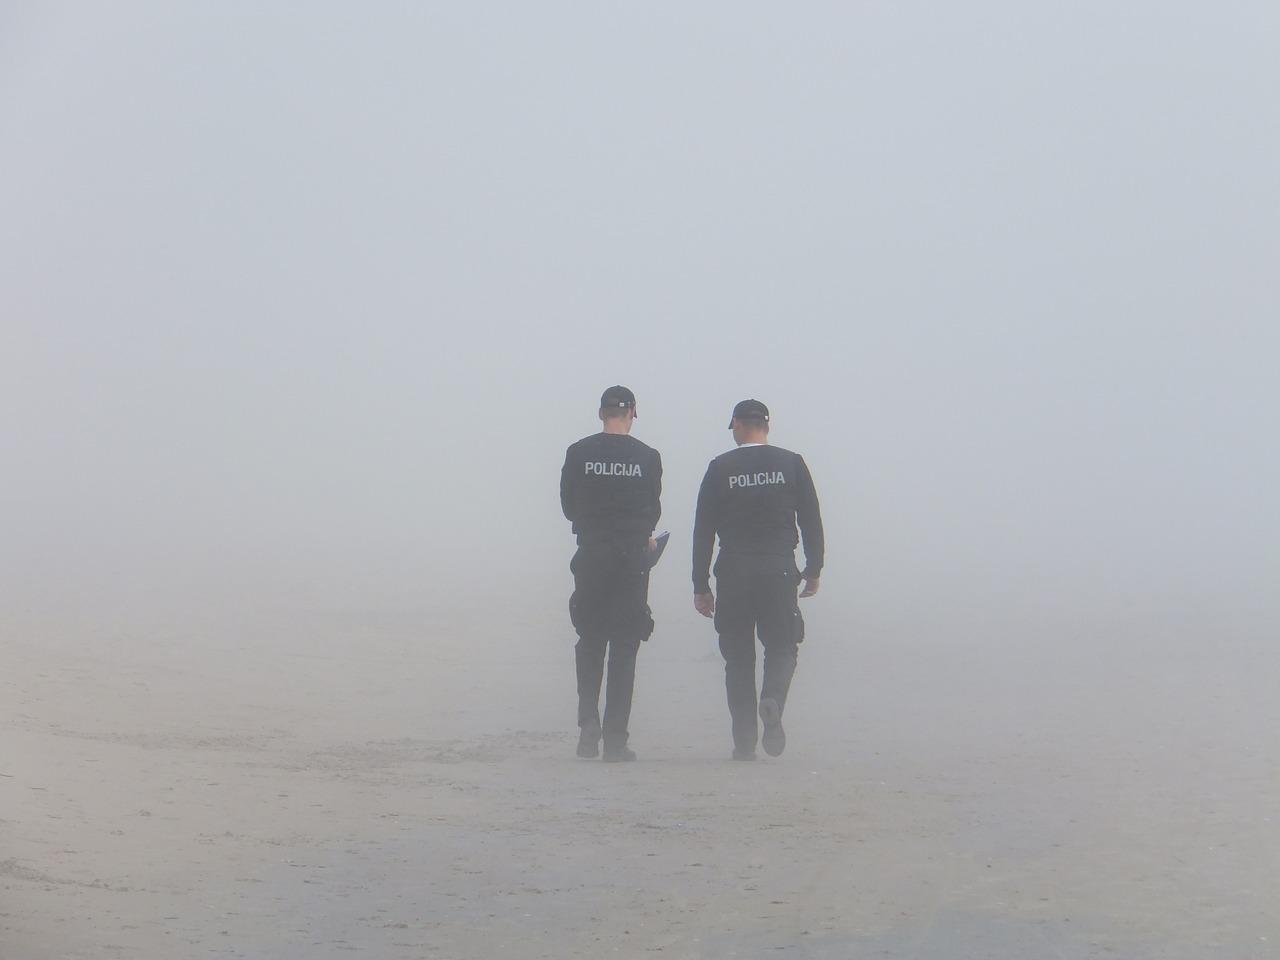 Kolejne zatrzymania prawa jazdy w gminie Augustów